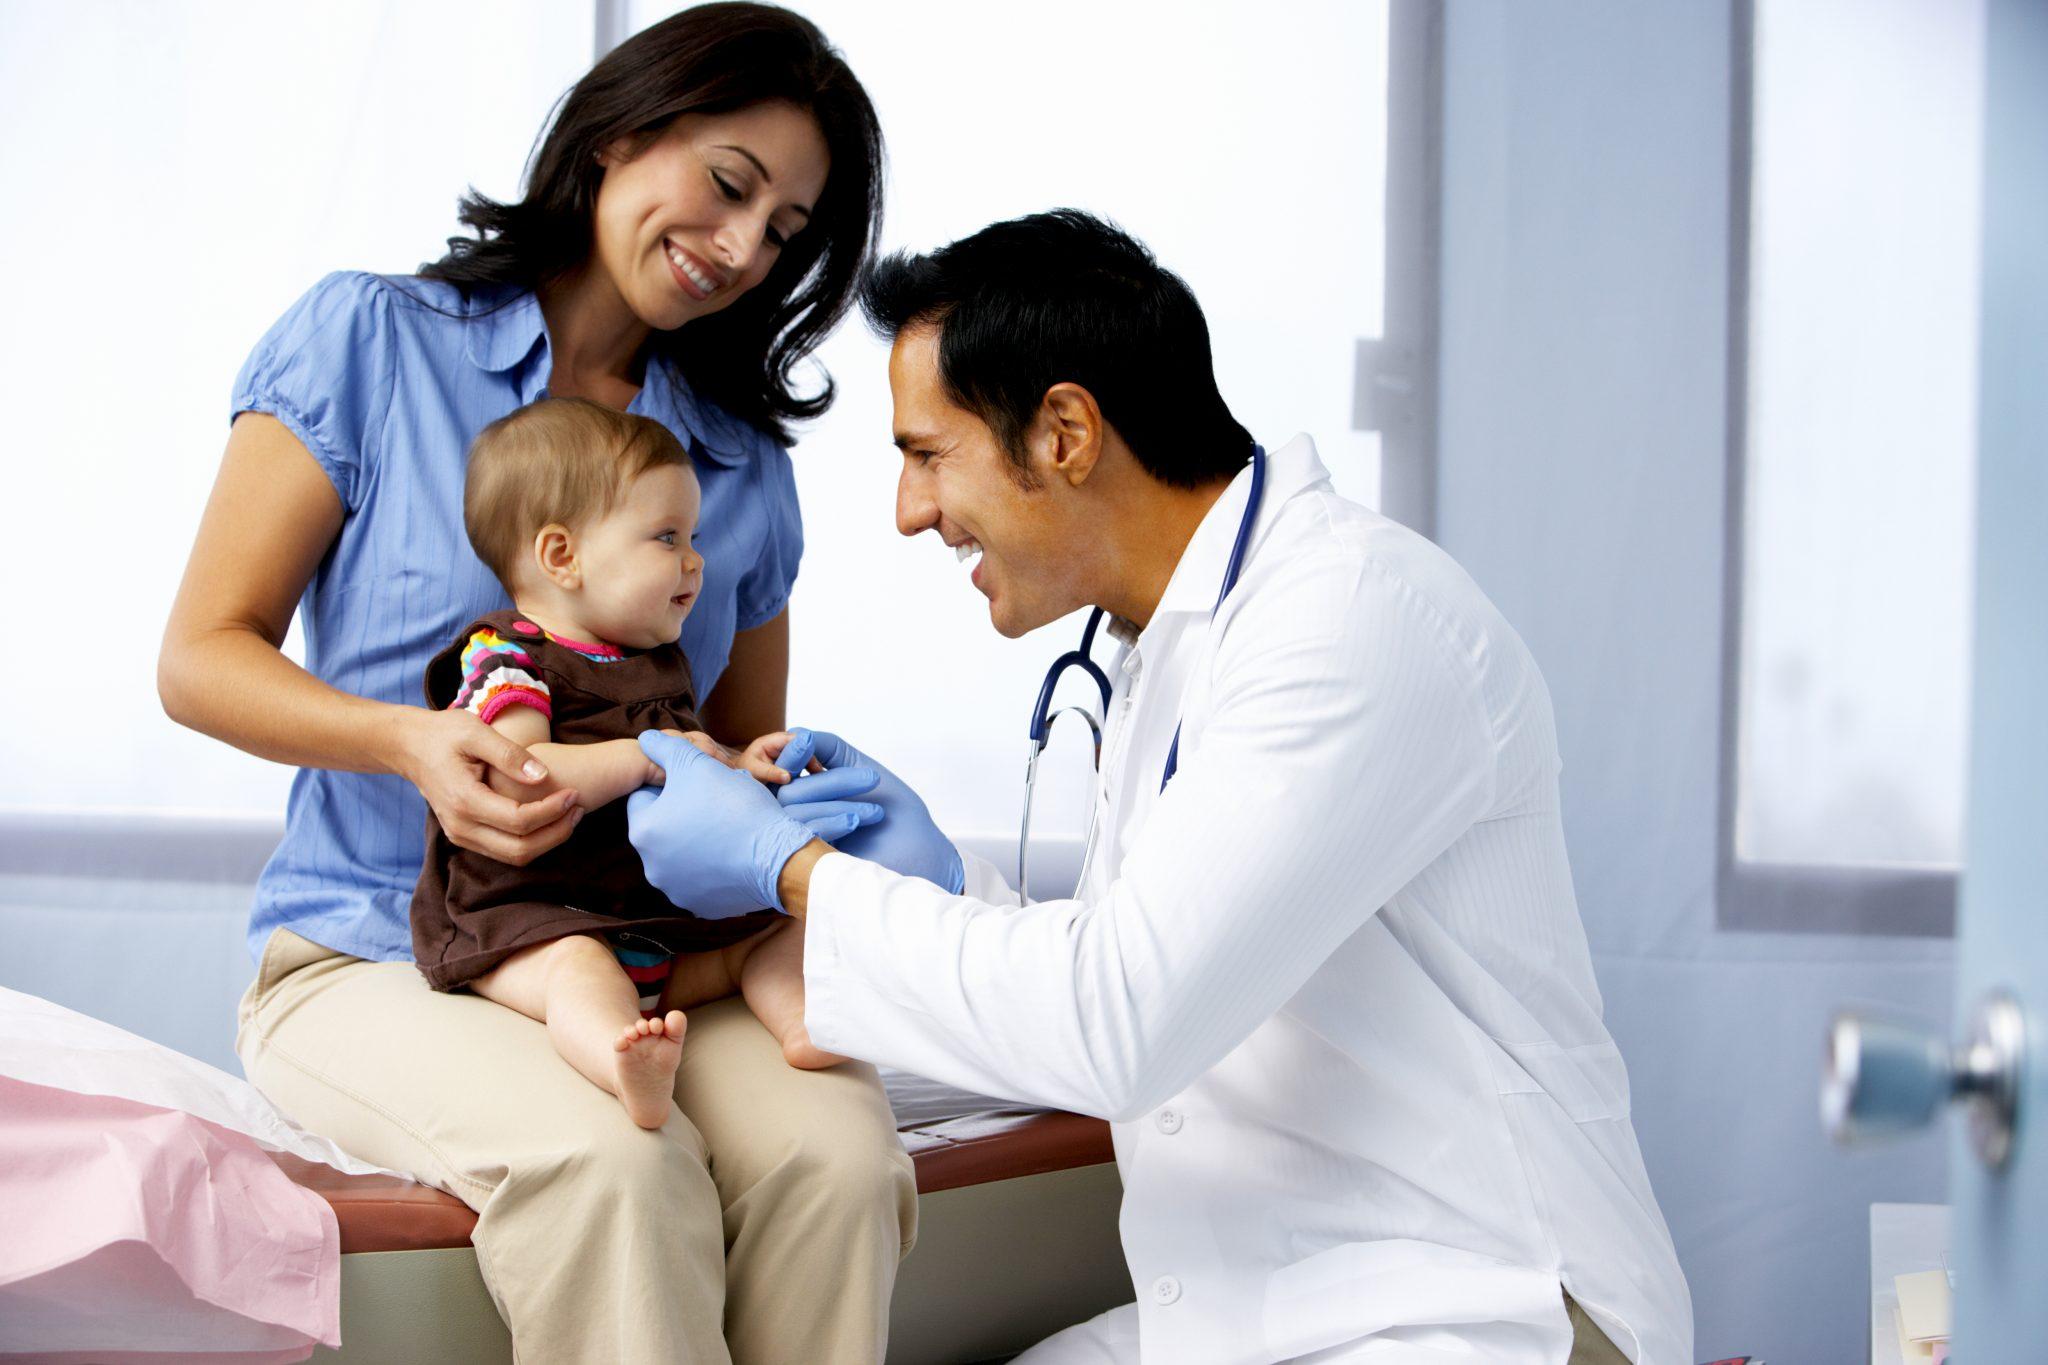 お医者さんに子どもを健診してもらっている